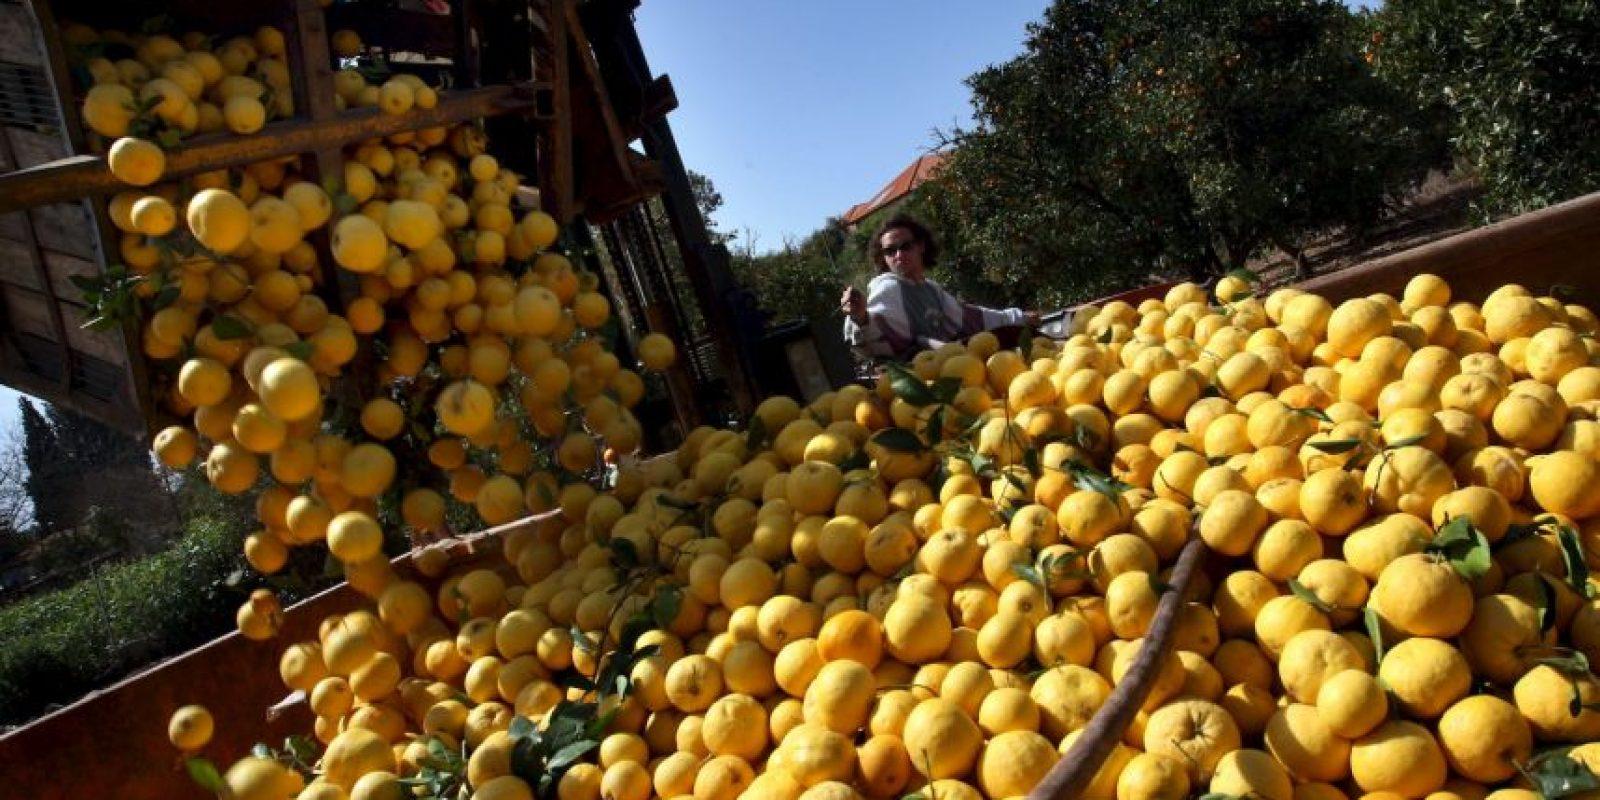 La mitad de un pomelo ofrece la mitad de las vitaminas diarias que un adulto promedio necesita. Este alimento podría interferir con medicamentos, se recomienda visitar al médico Foto:Getty Images